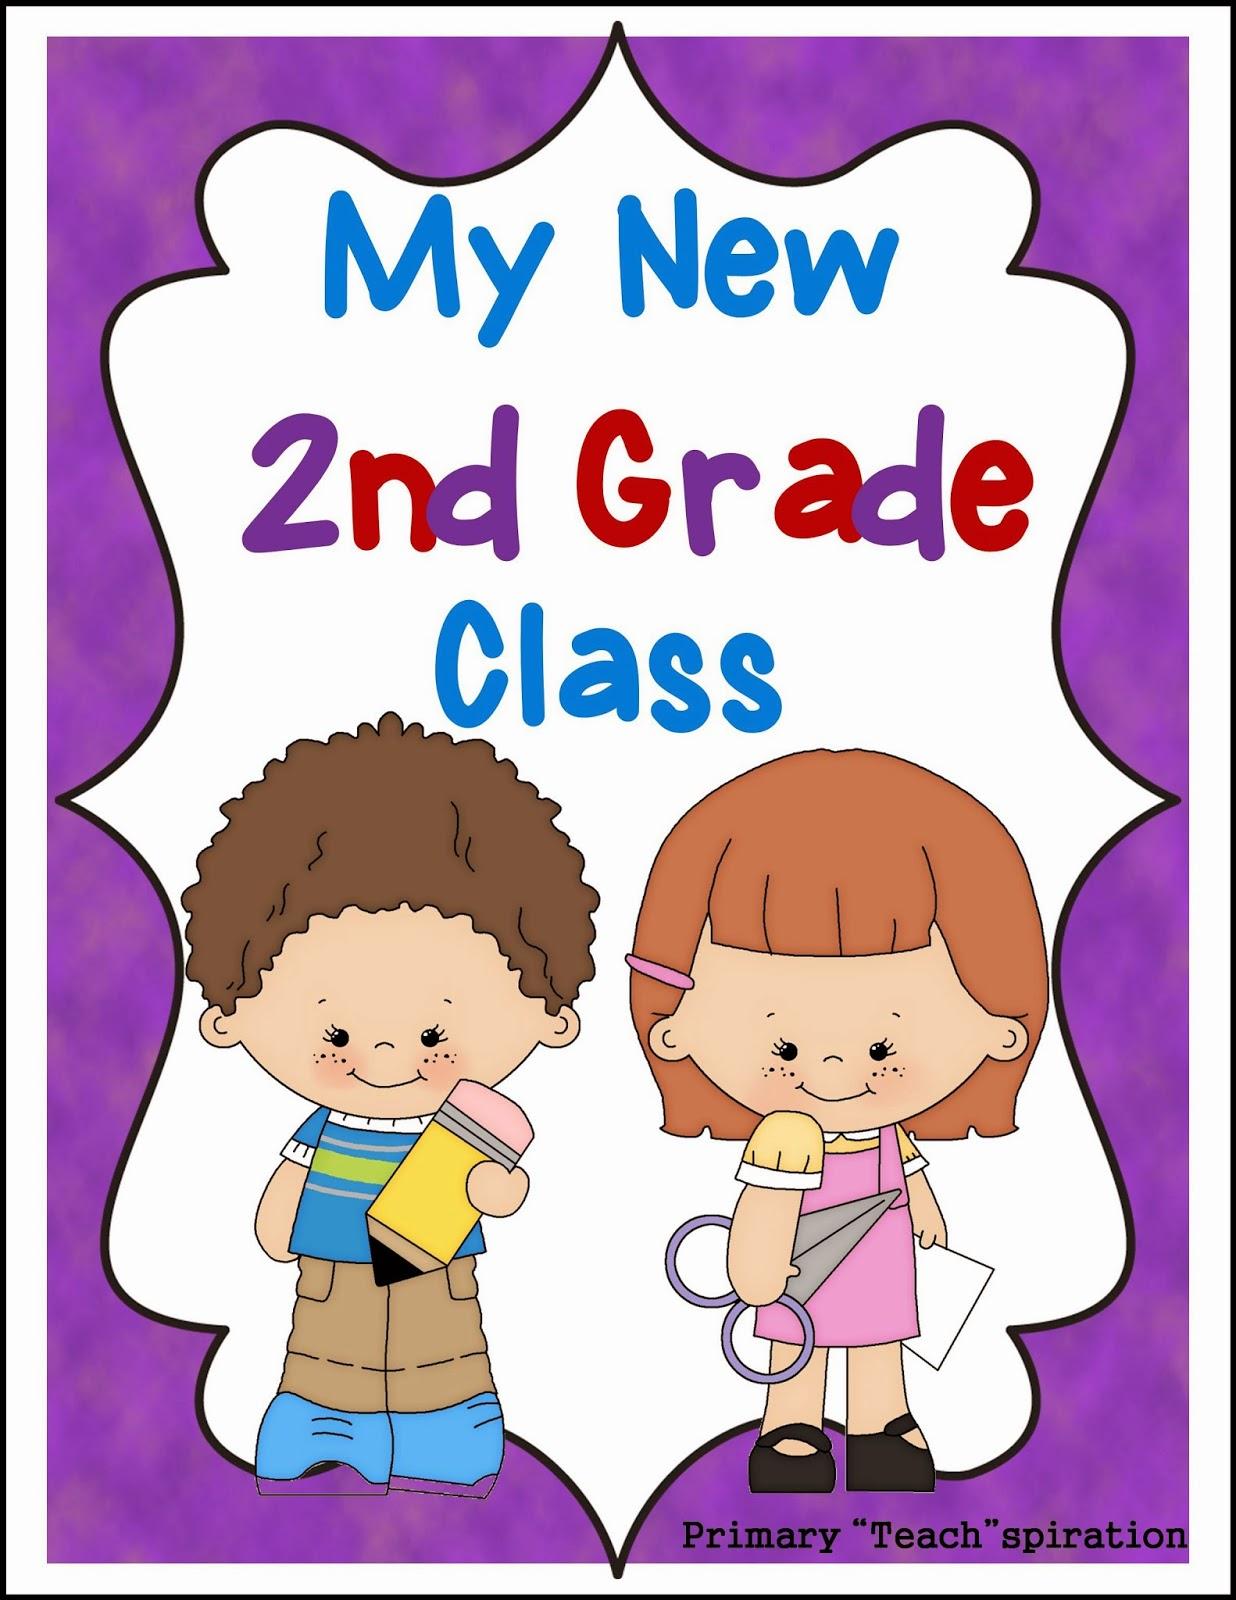 http://www.teacherspayteachers.com/Product/Beginning-of-the-Year-2nd-Grade-1294726